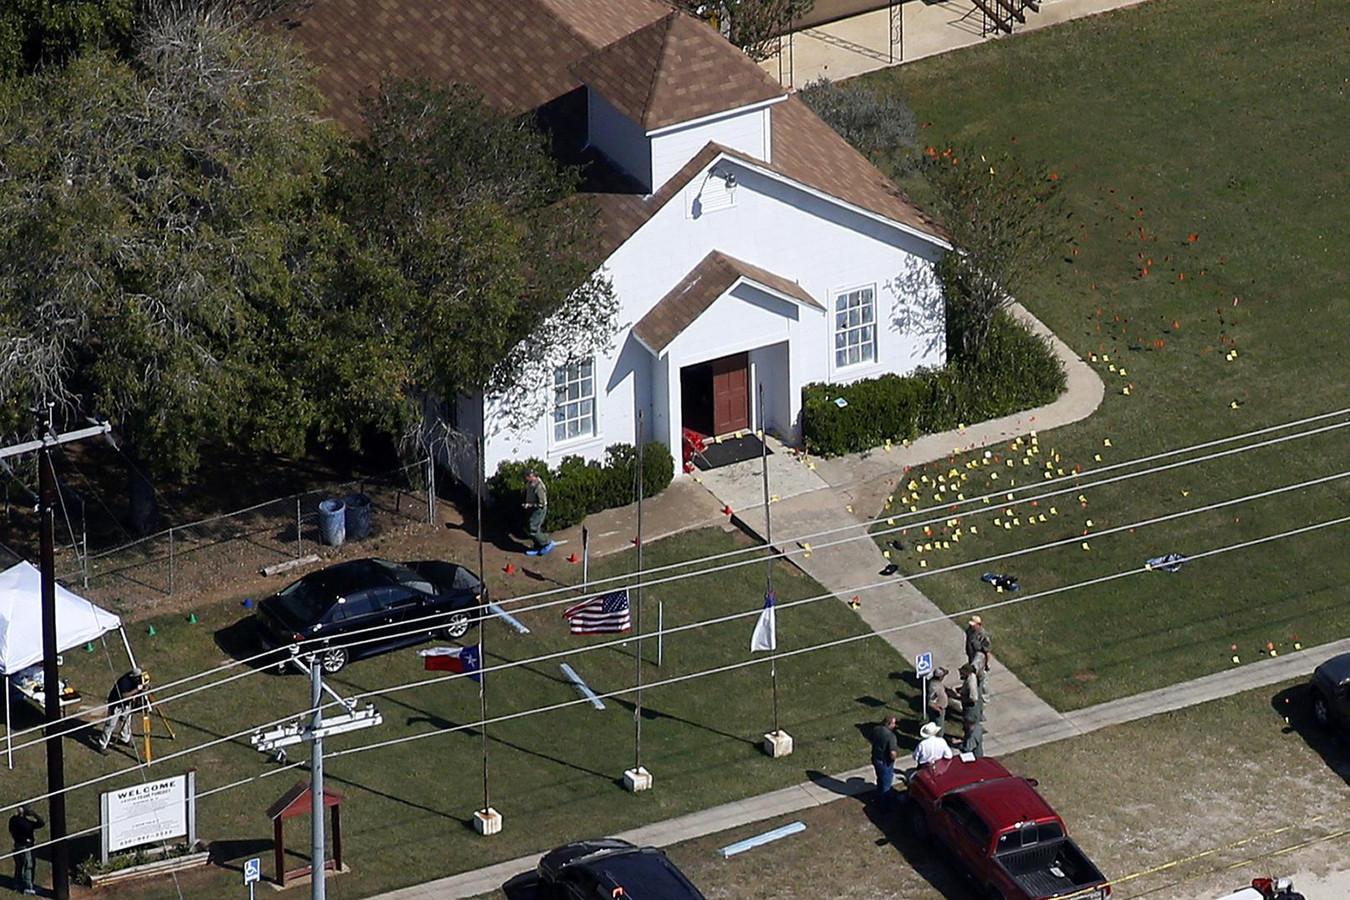 De schietpartij vond plaats in de First Baptist Church in Sutherland Springs, Texas, op 6 november 2017.